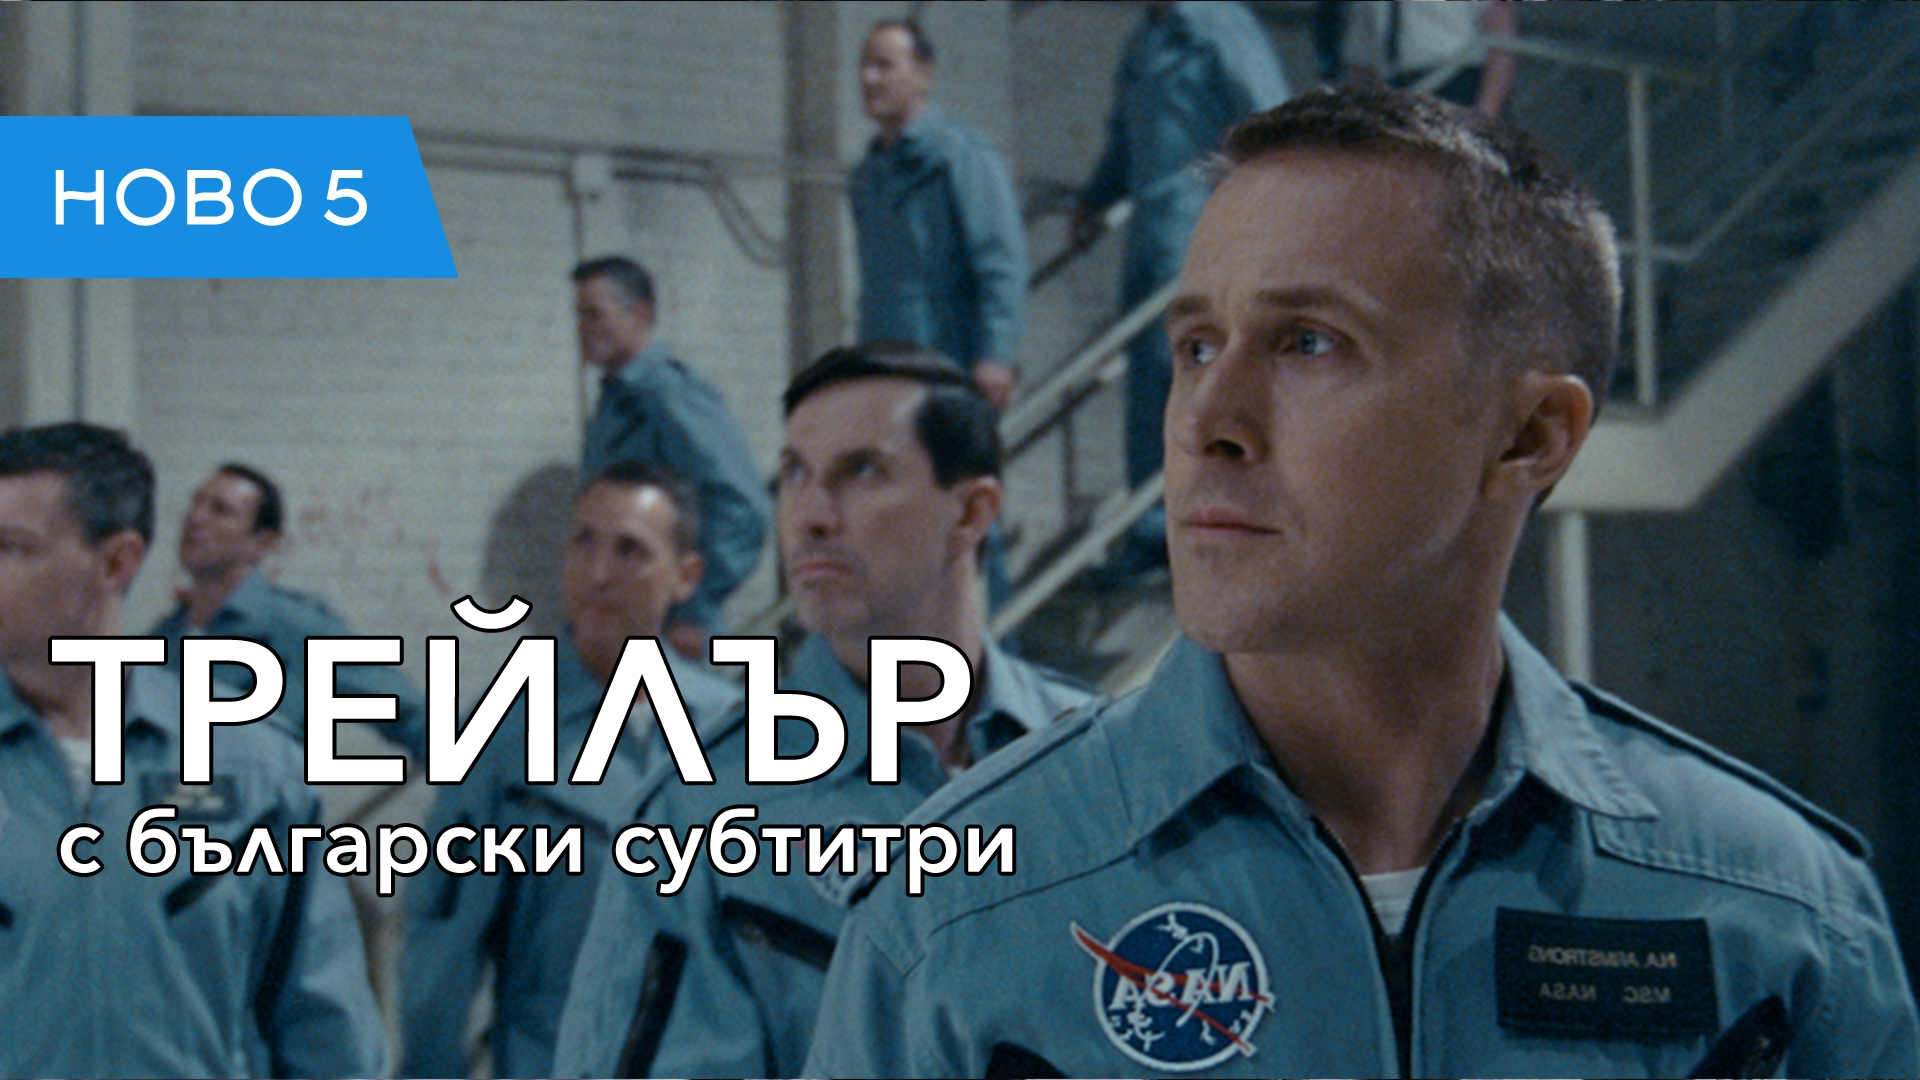 Първият човек (2018) трейлър с български субтитри